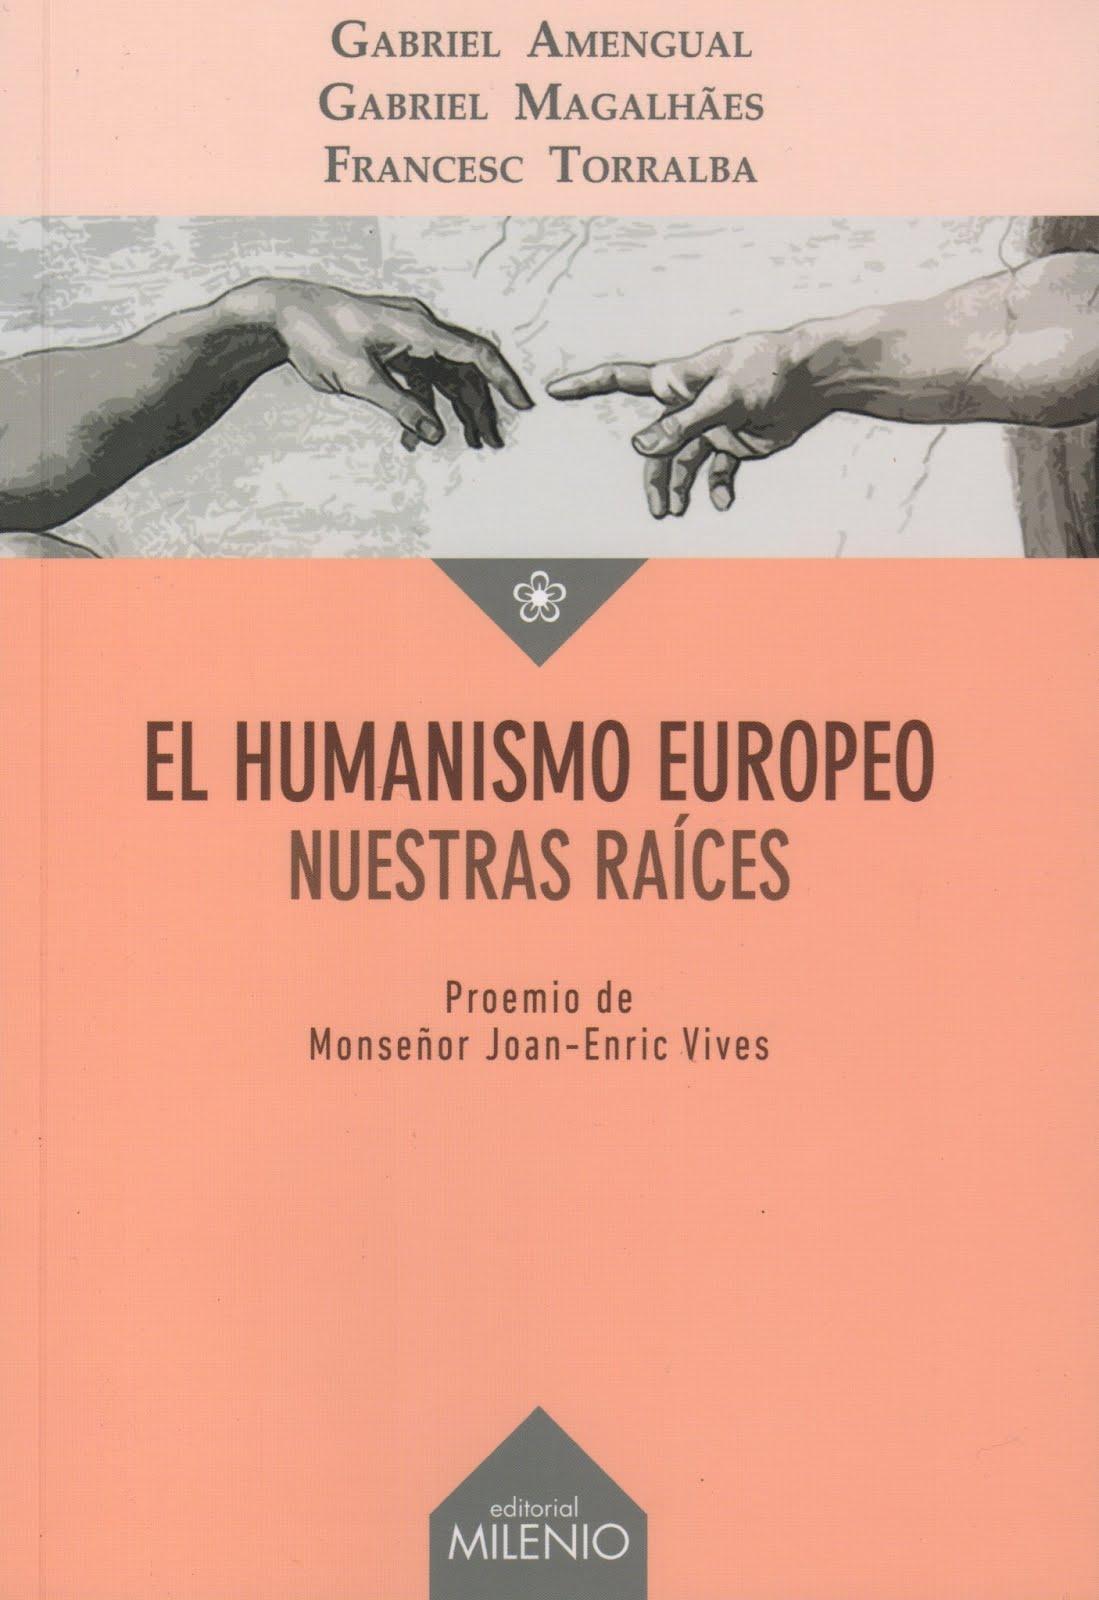 Gabriel Amengual y otros (El humanismo europeo) Nuestras raíces